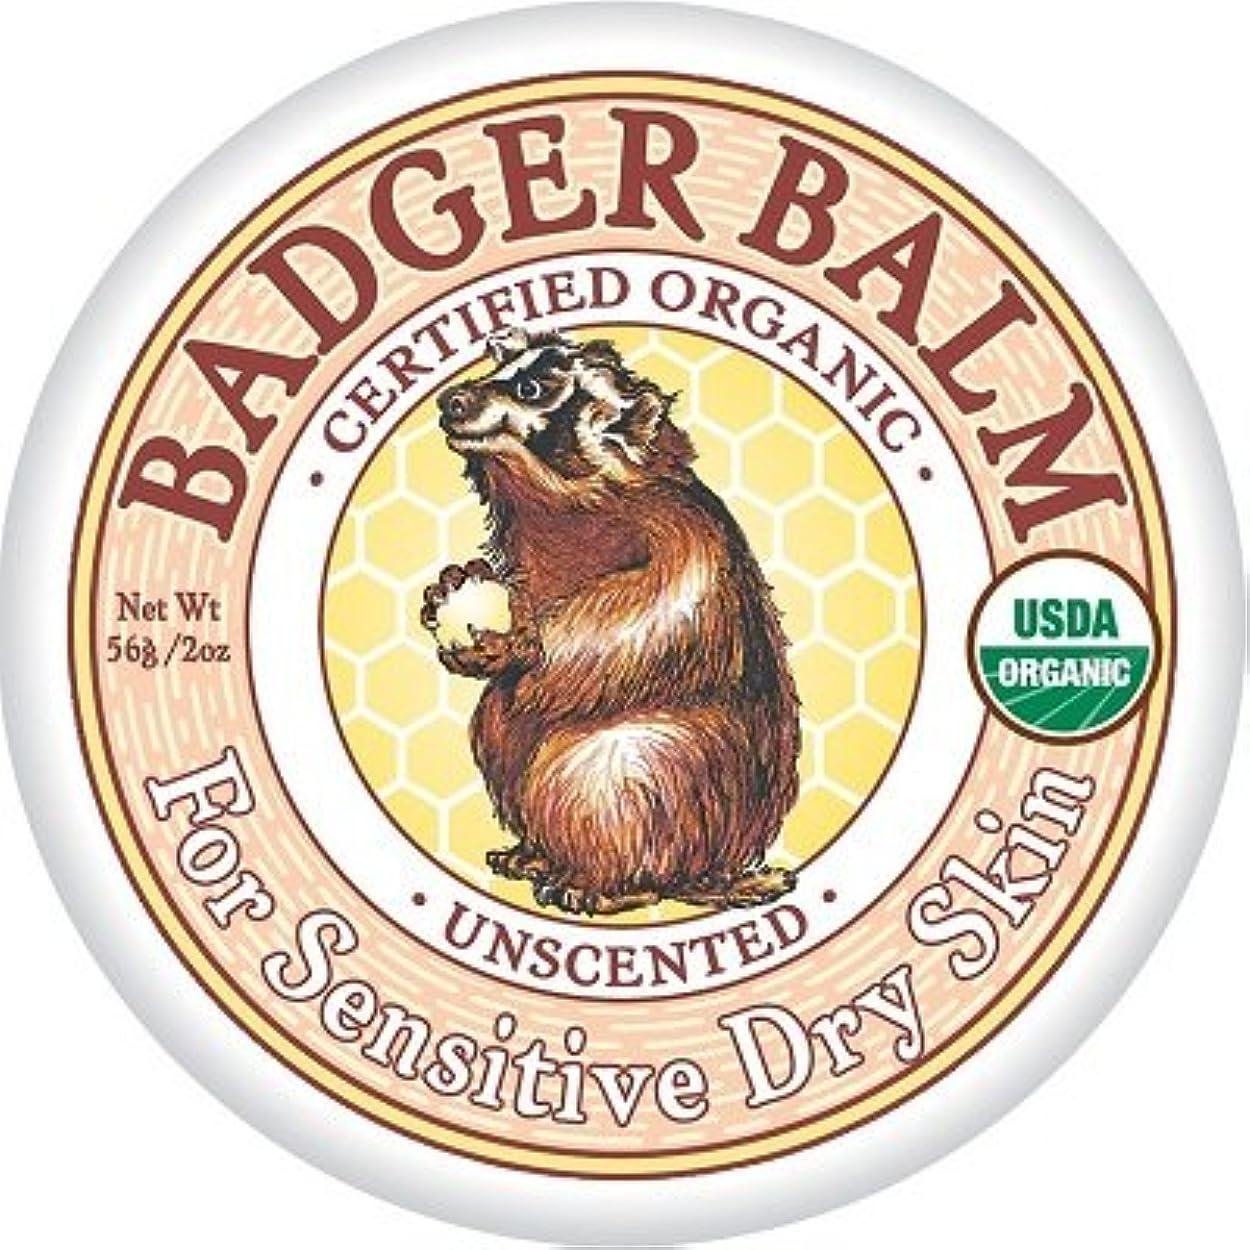 着陸記念糸Badger バジャー ヒーリングバーム (無香料)56g【海外直送品】【並行輸入品】